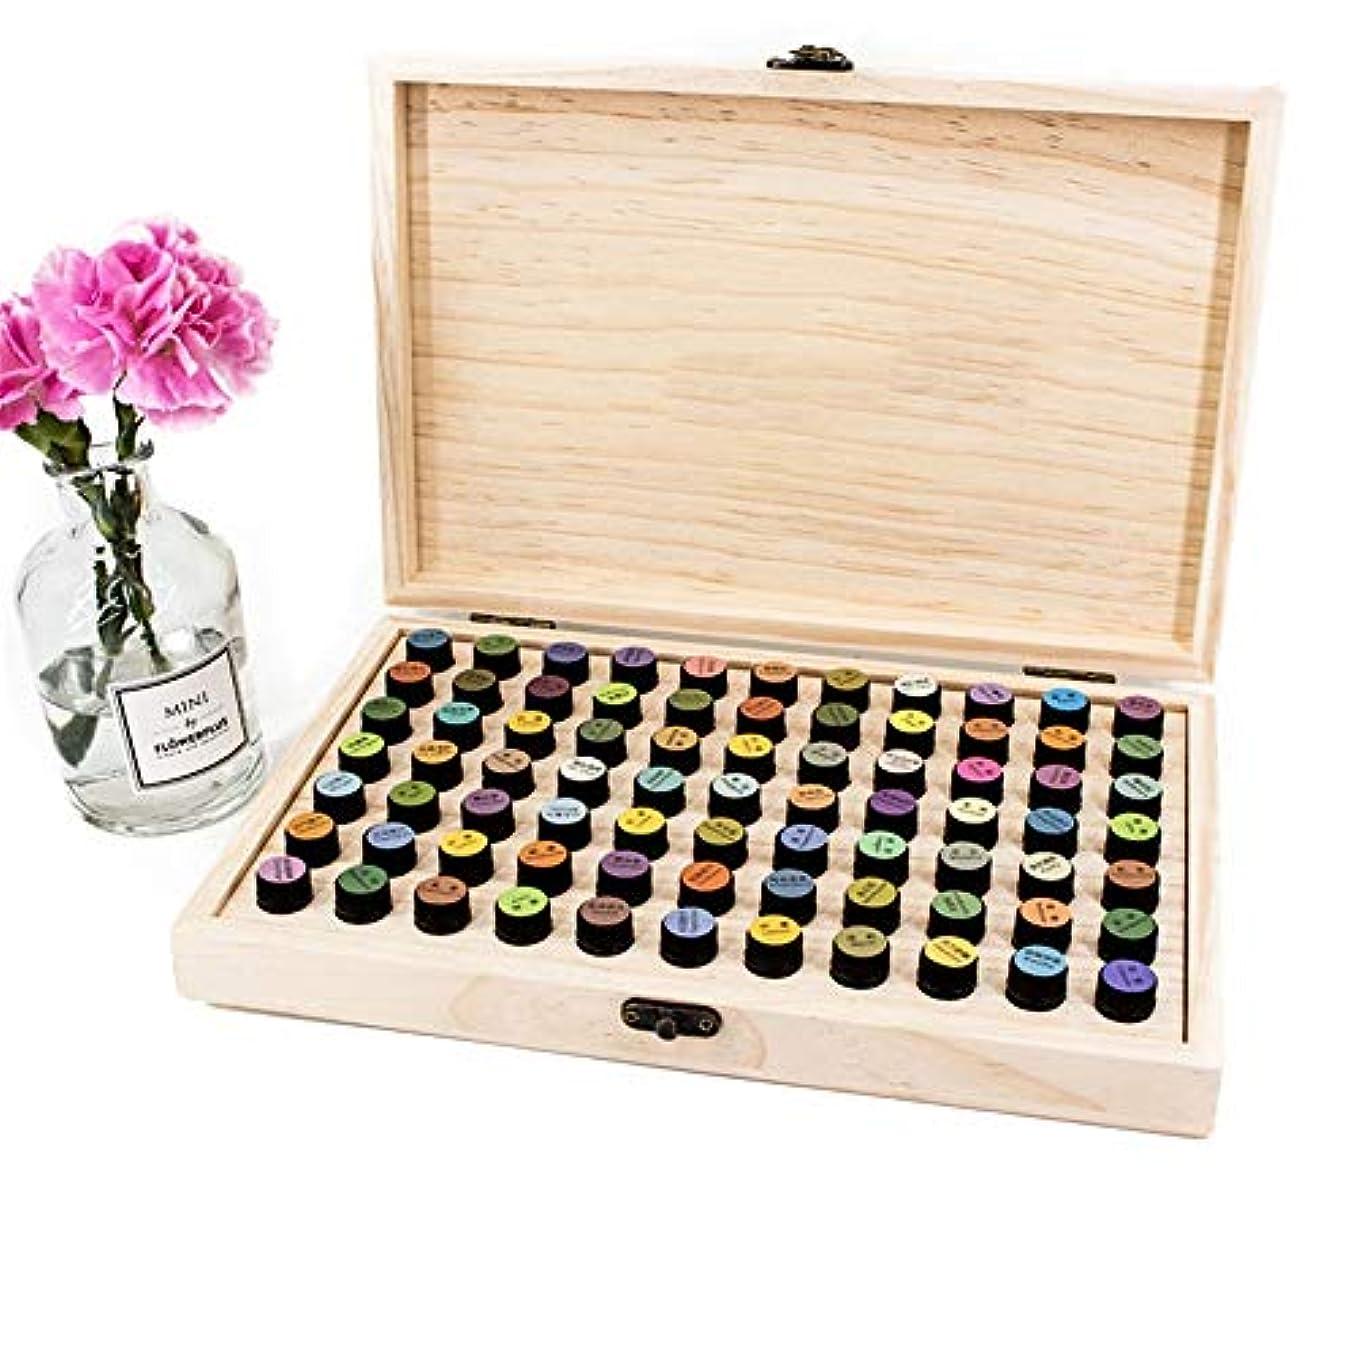 スリップ人生を作る主観的アロマセラピー収納ボックス 2ディスプレイウッドオイルボックス72個のスロットオーガナイザーを格納するためのバイアルmlの エッセンシャルオイル収納ボックス (色 : Natural, サイズ : 29X19X4CM)